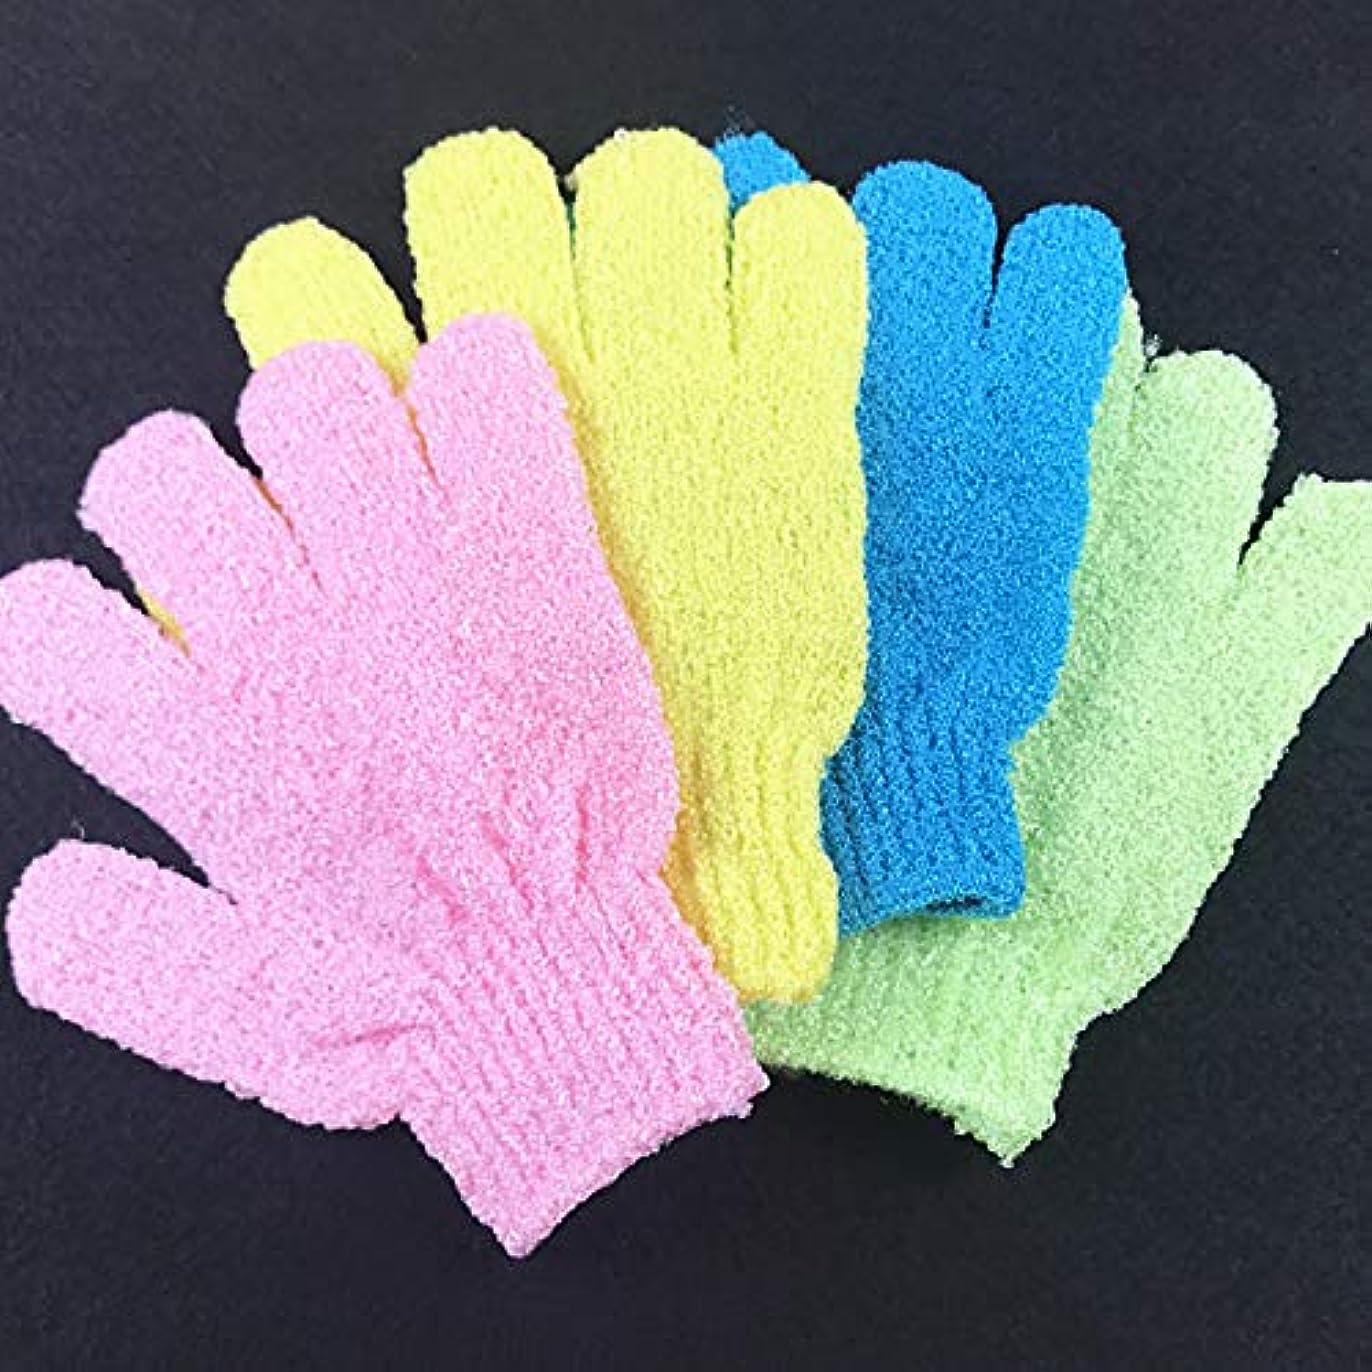 採用ラックロケットお風呂用手袋 浴用手袋 角質除去 入浴用品 垢すり用グローブ 抗菌加工 泡立ち 男女兼用 5枚セット (色のランダム)